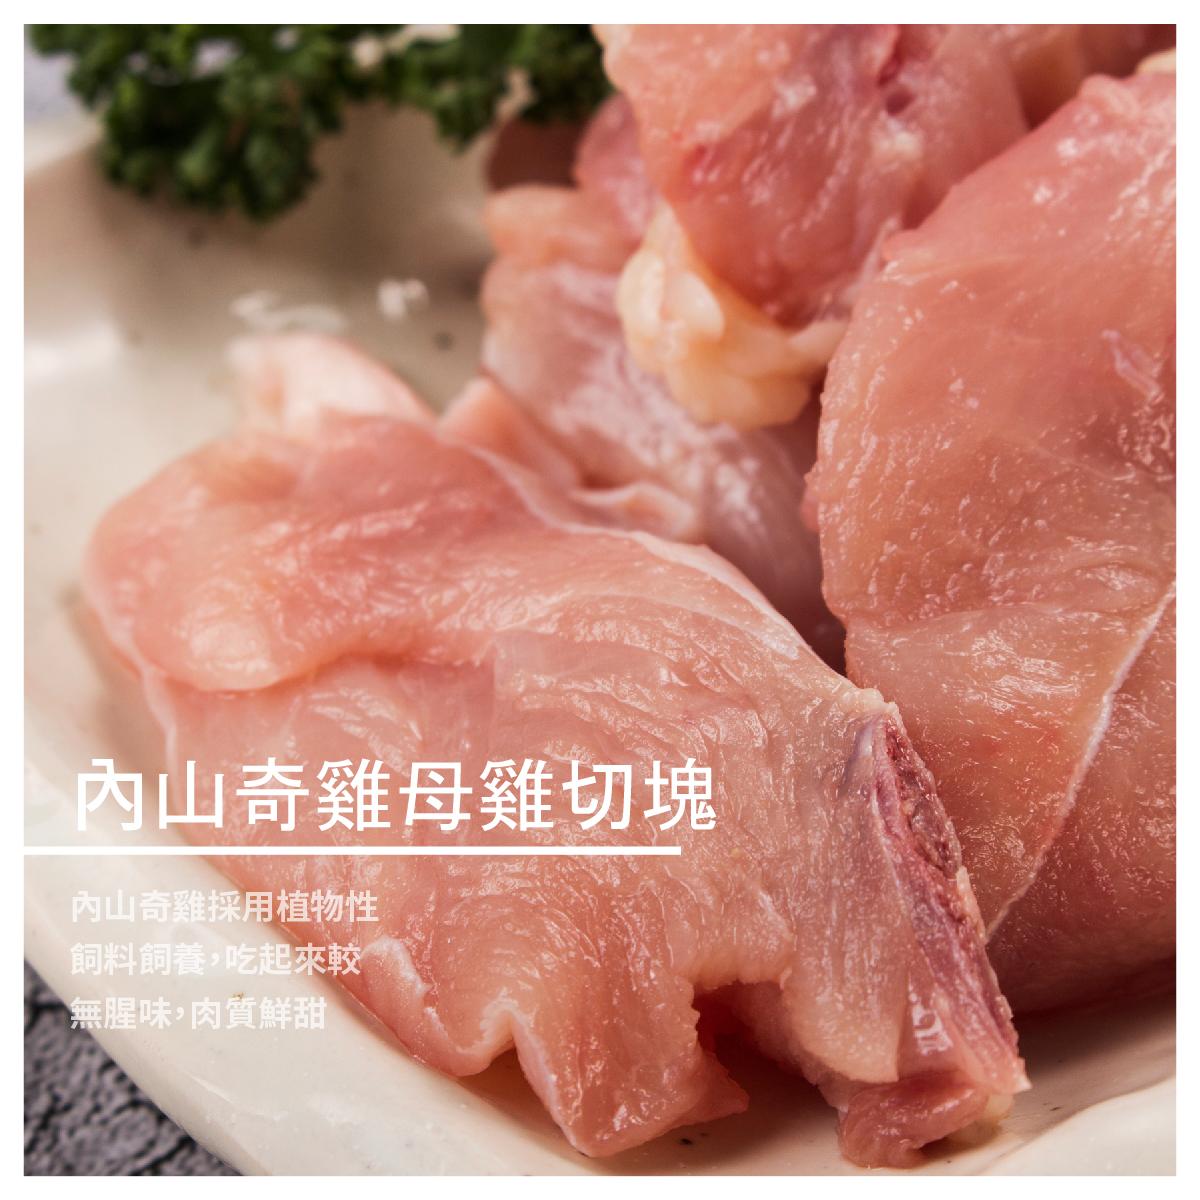 【奇農自然生態農場】內山奇雞母雞切塊/隻